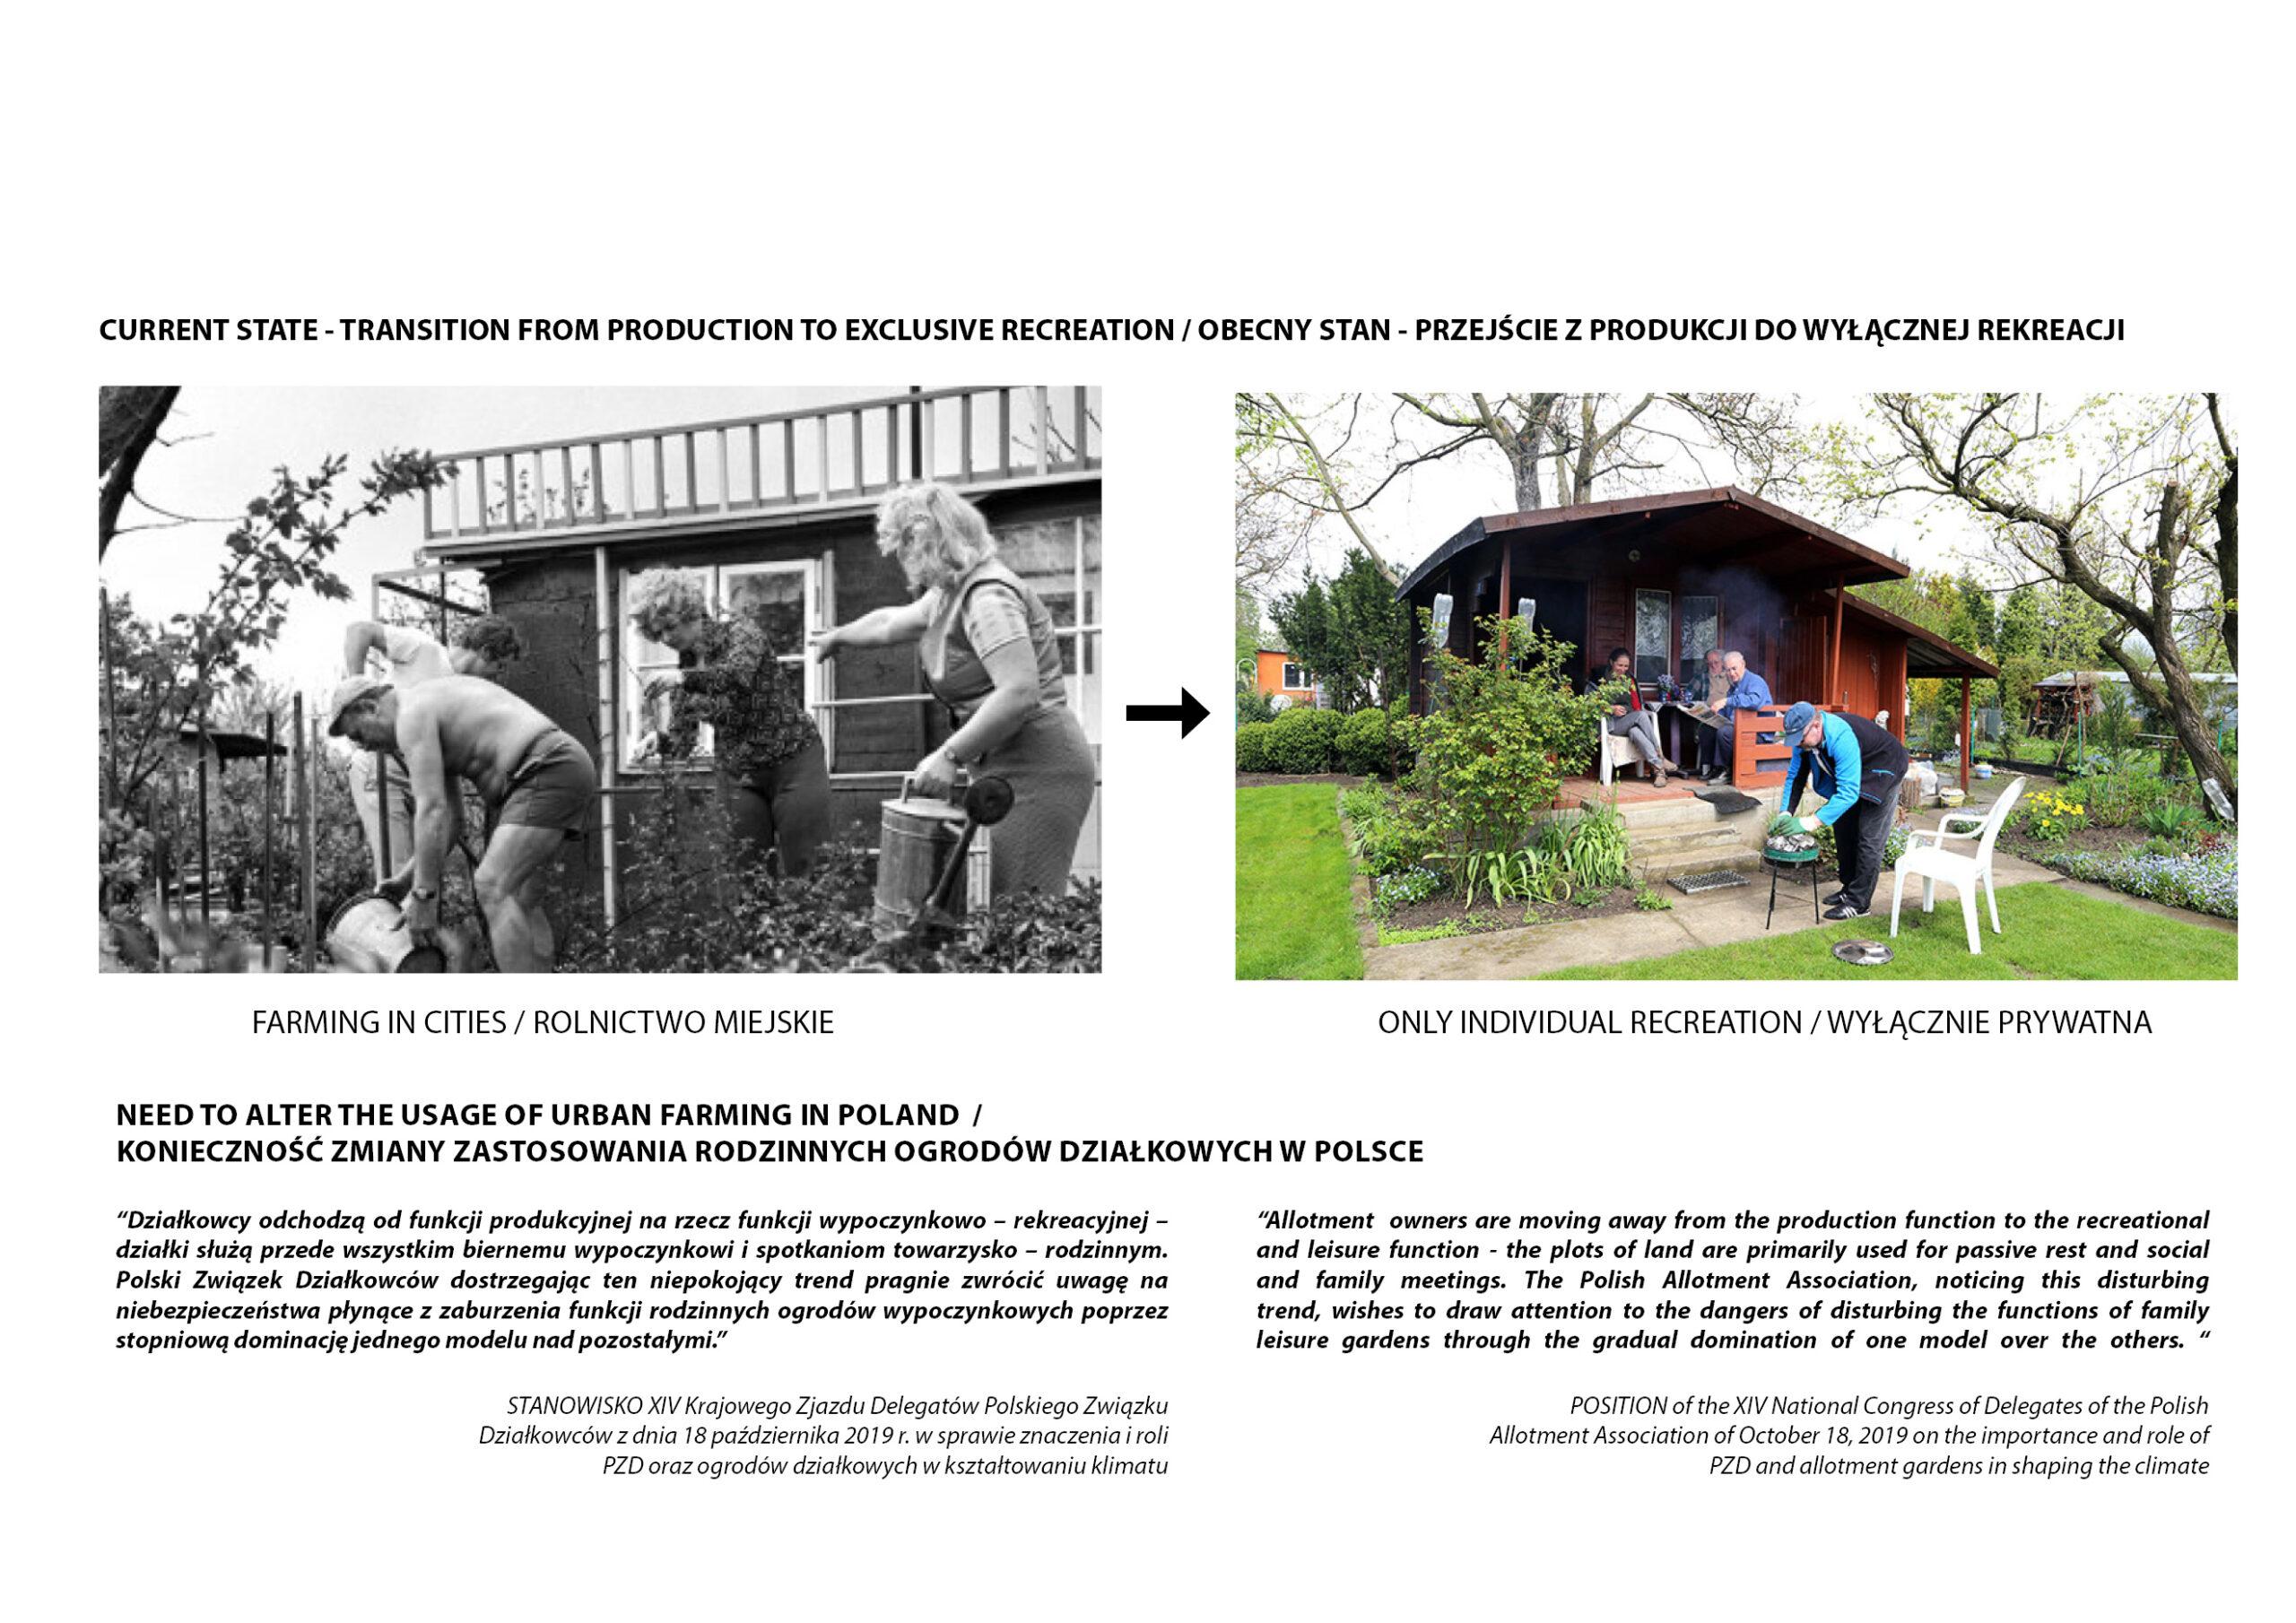 MJZ-Urban-Farming-XXI-Ogrody-Dzialkowe-Przyszlosci10-1